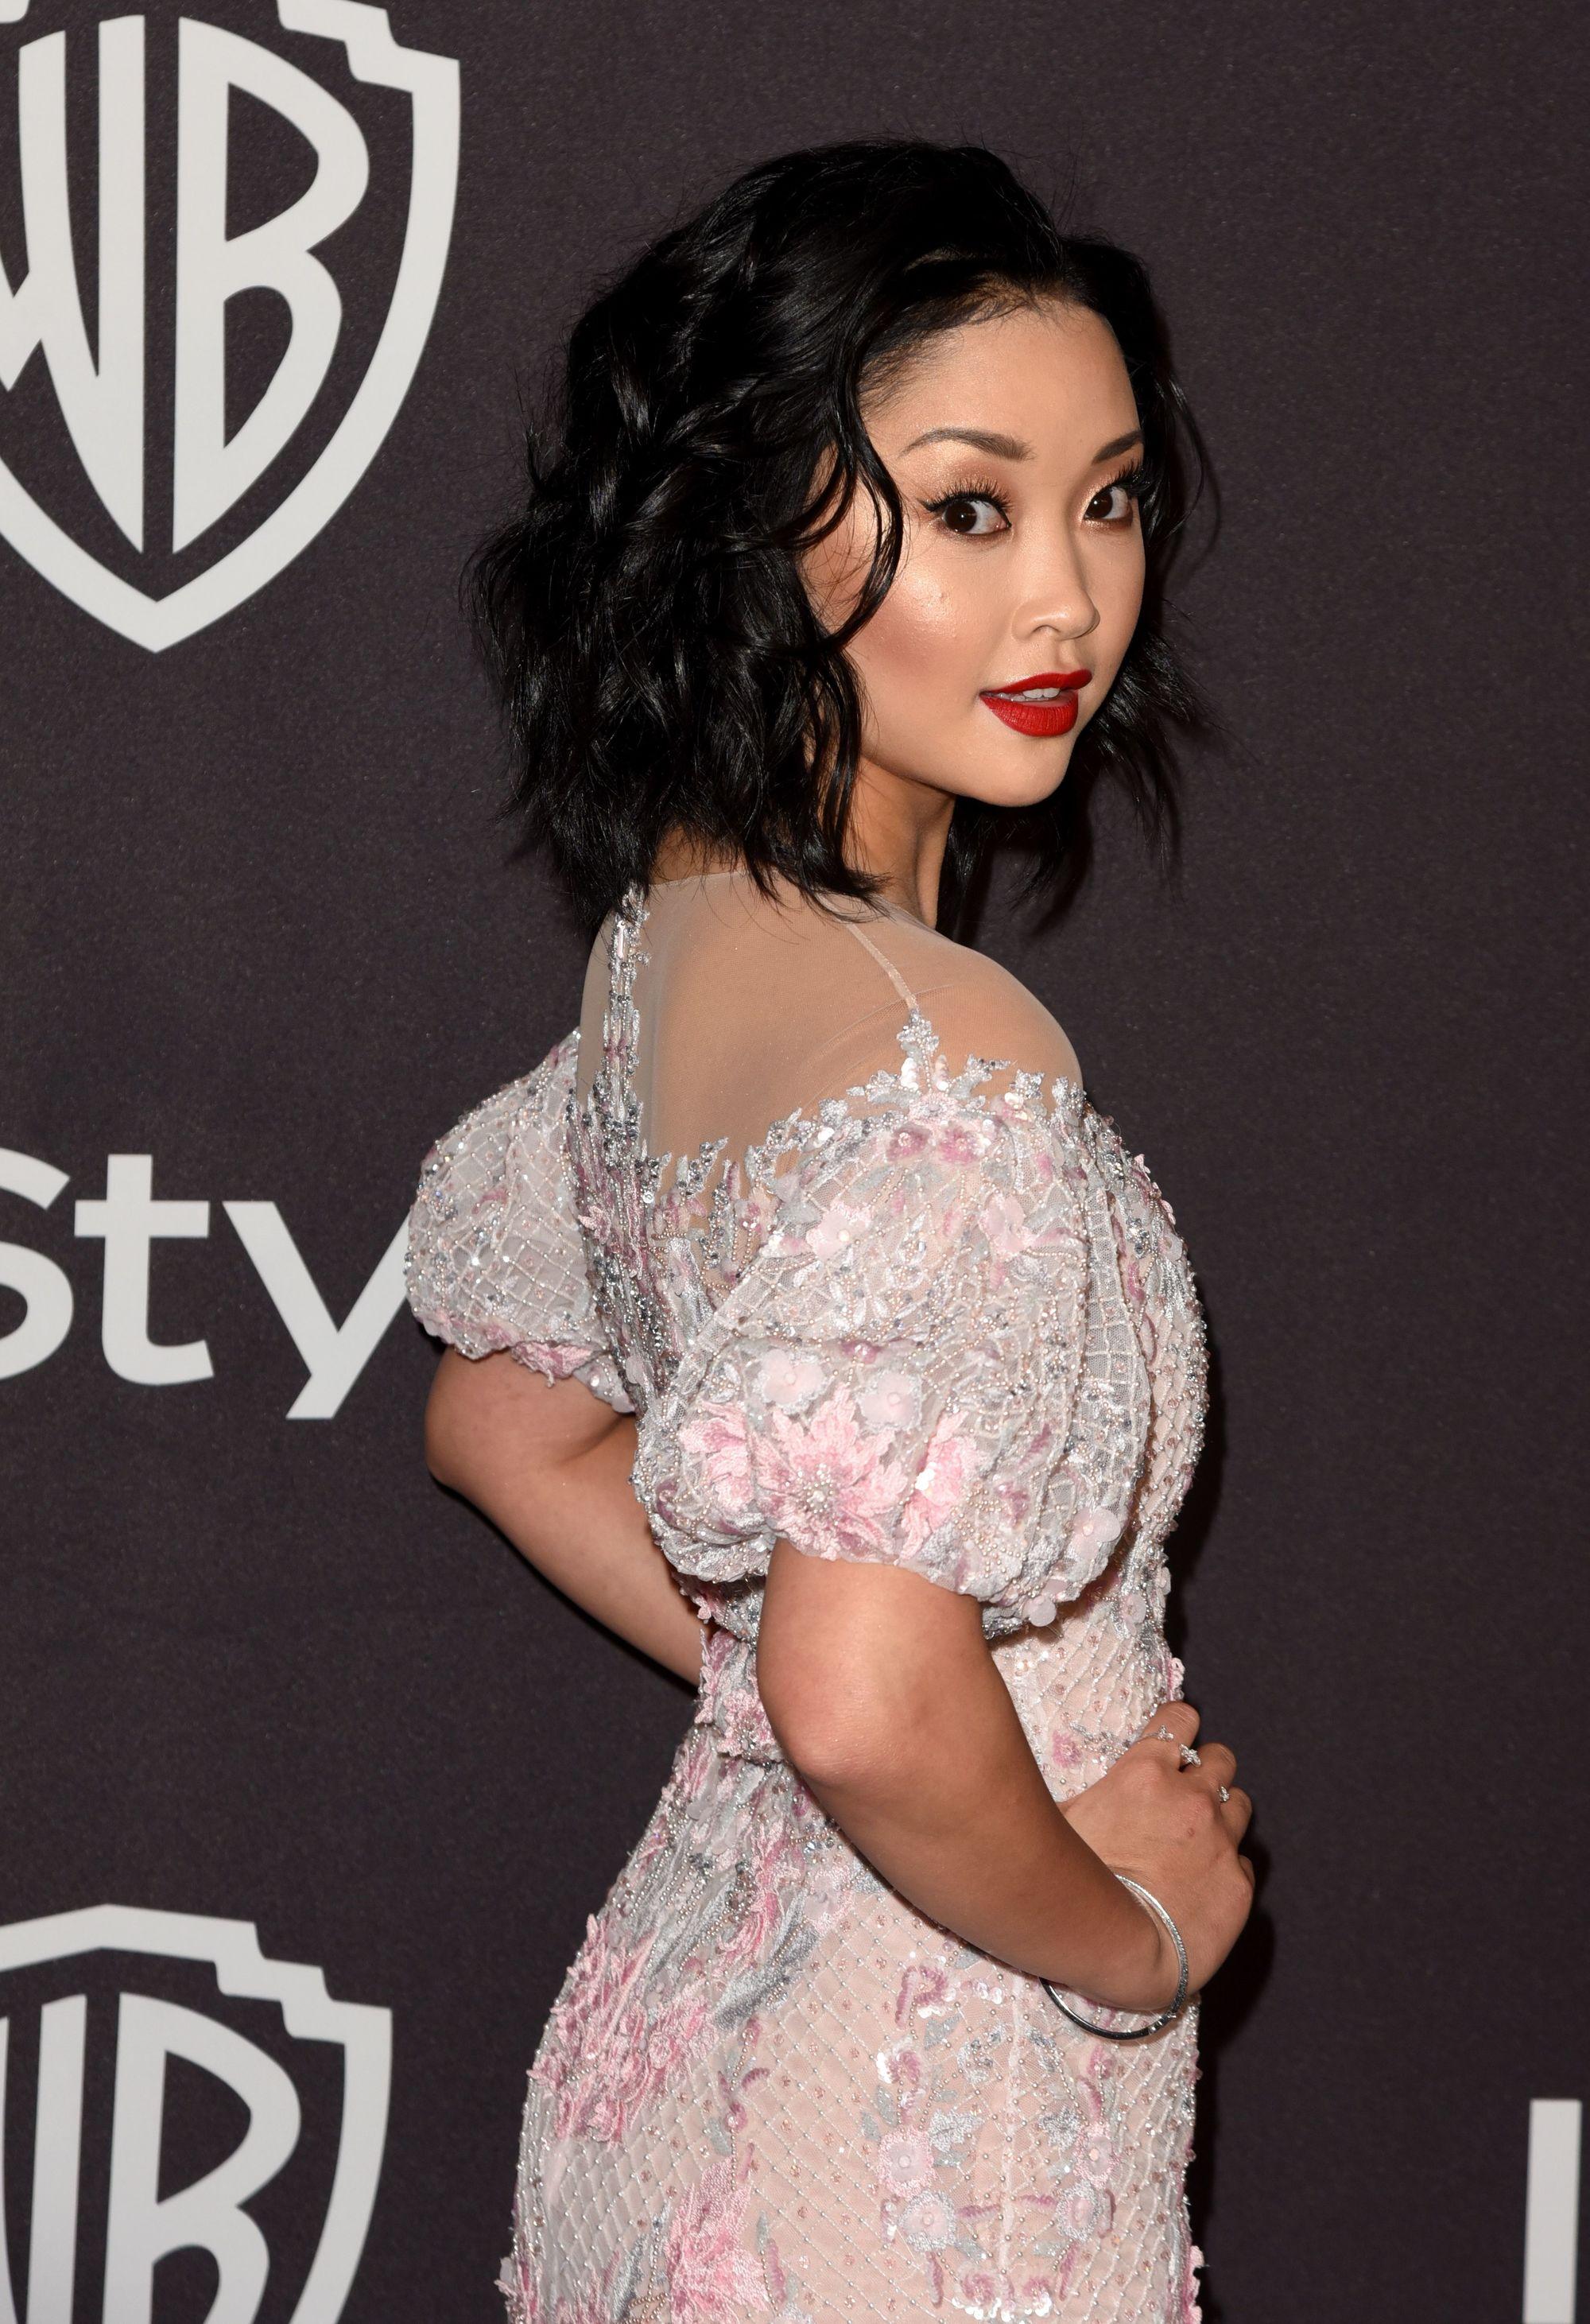 Lana Condor aux cheveux courts et ondulés brun foncé, portant une robe blanche et posant sur le tapis rouge